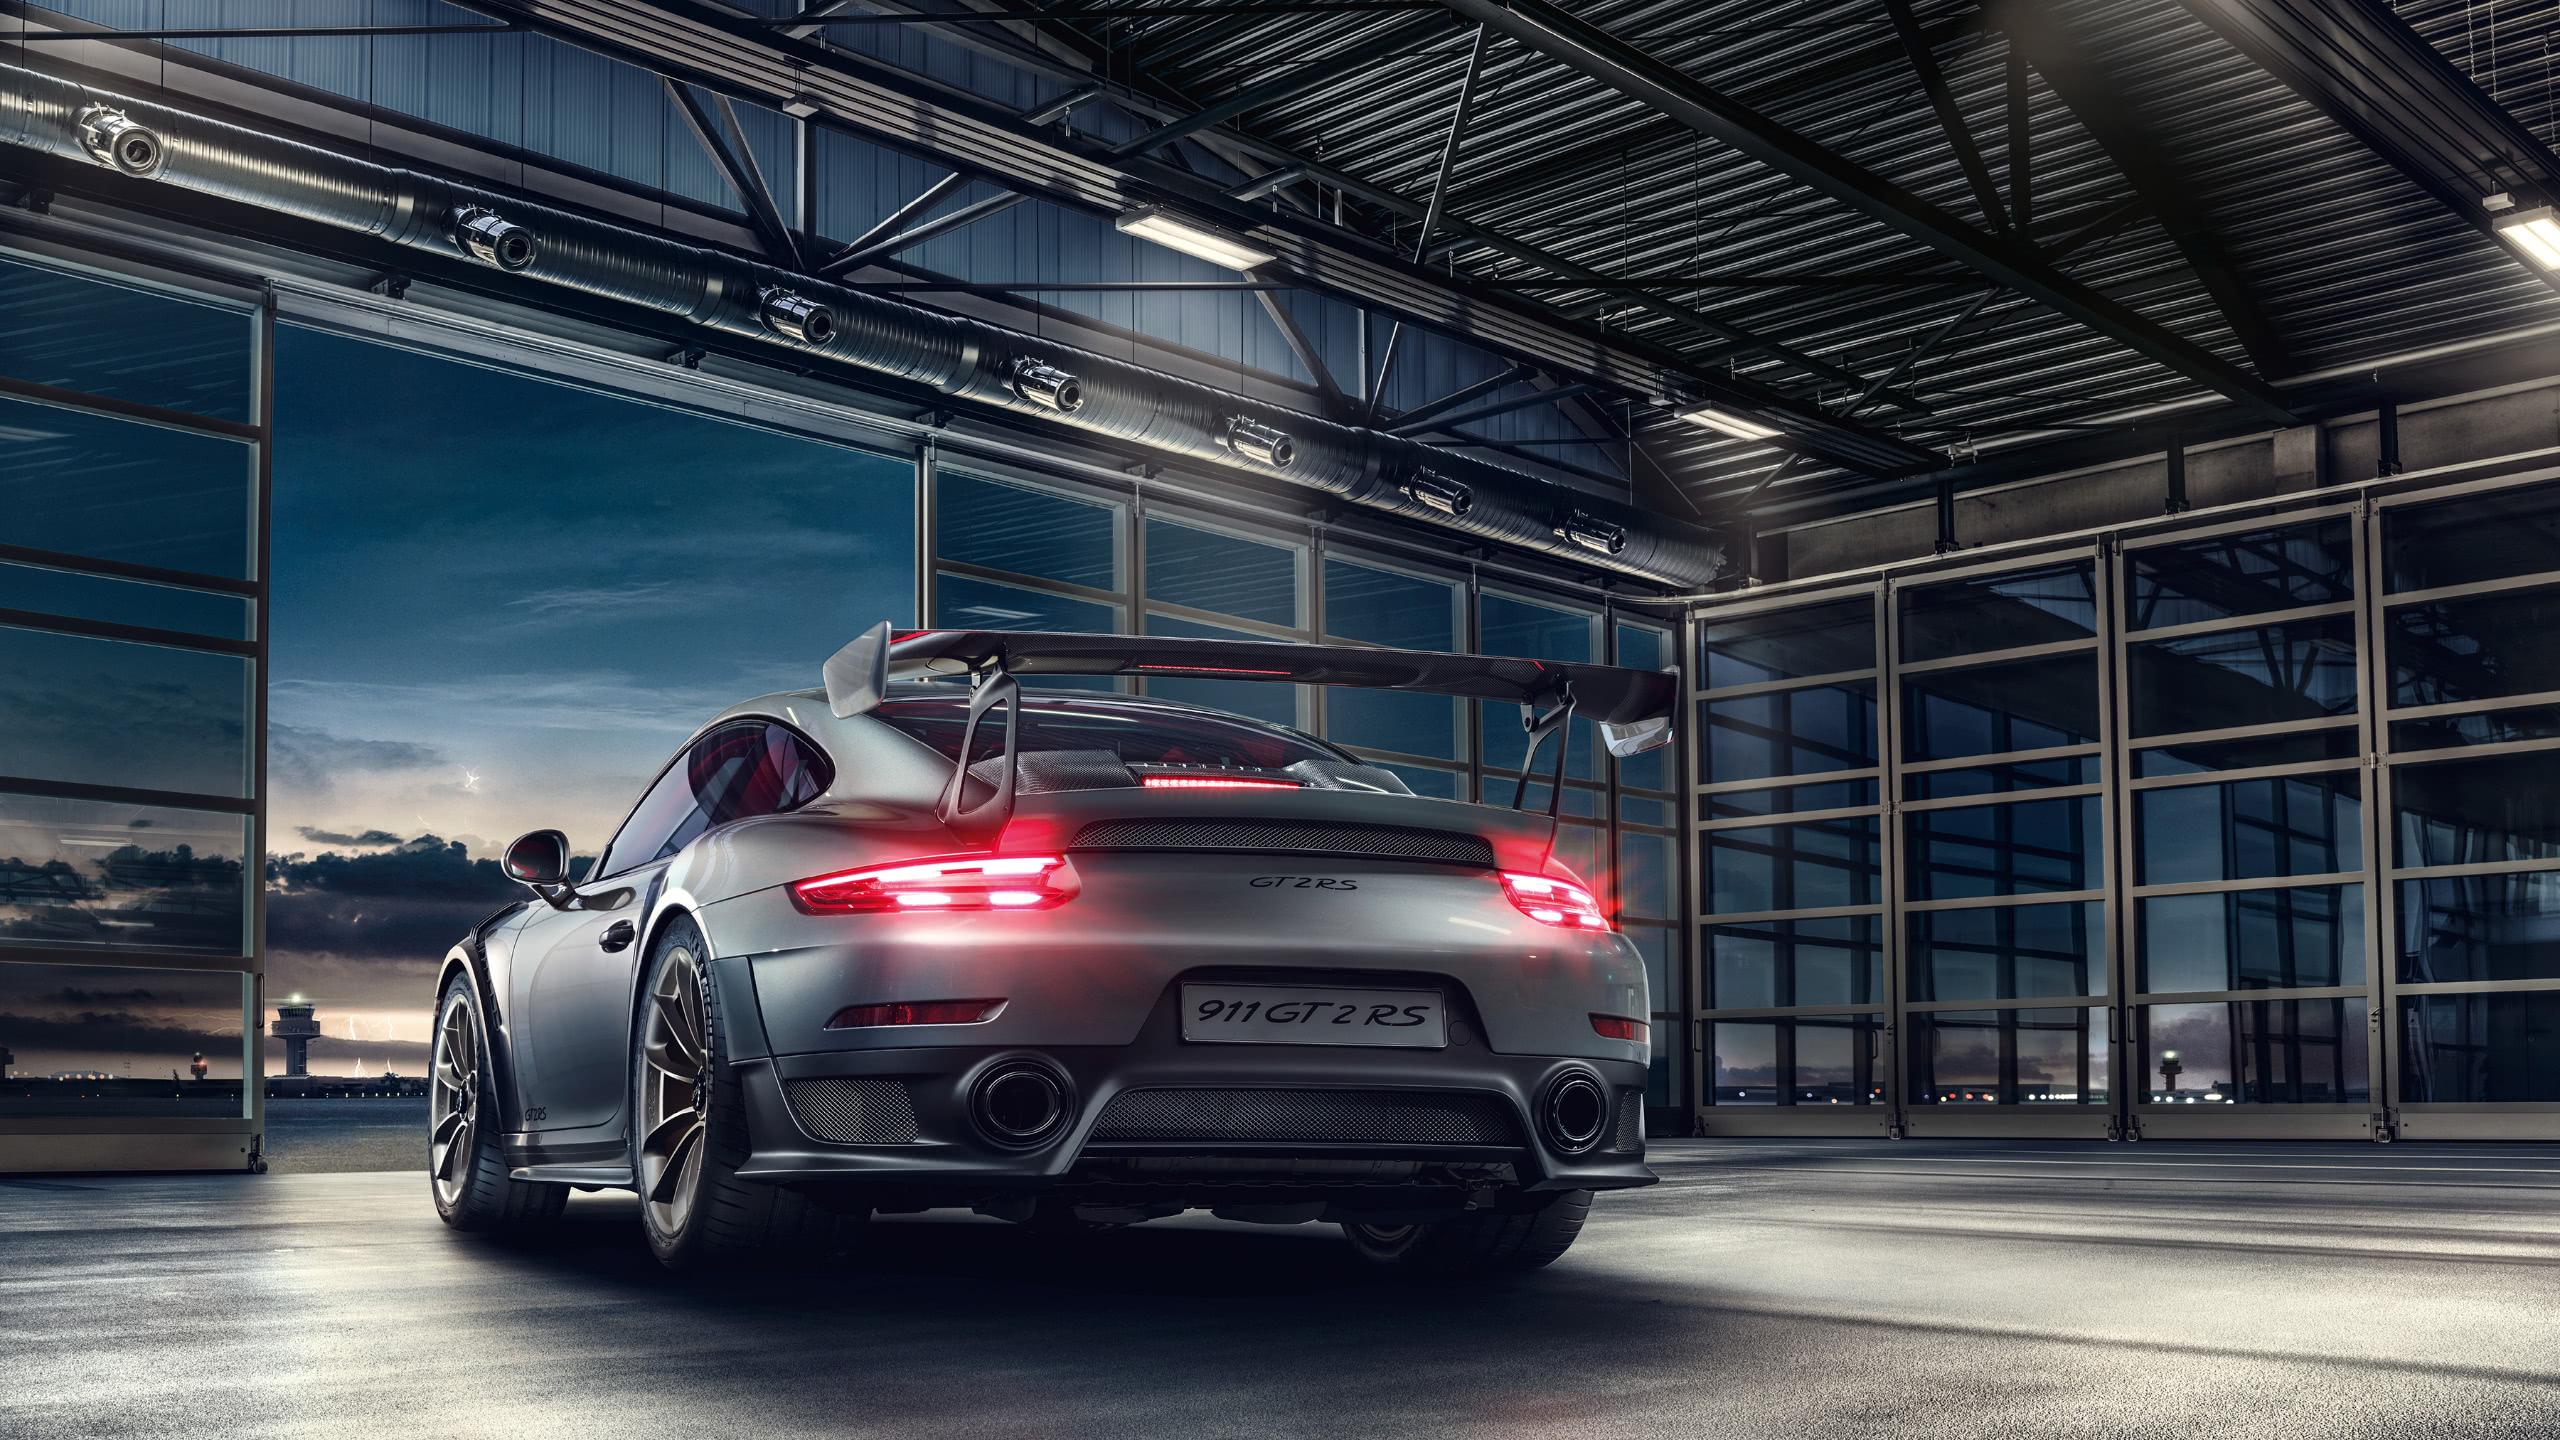 porsche 911 gt2 rs rear wqhd 1440p wallpaper